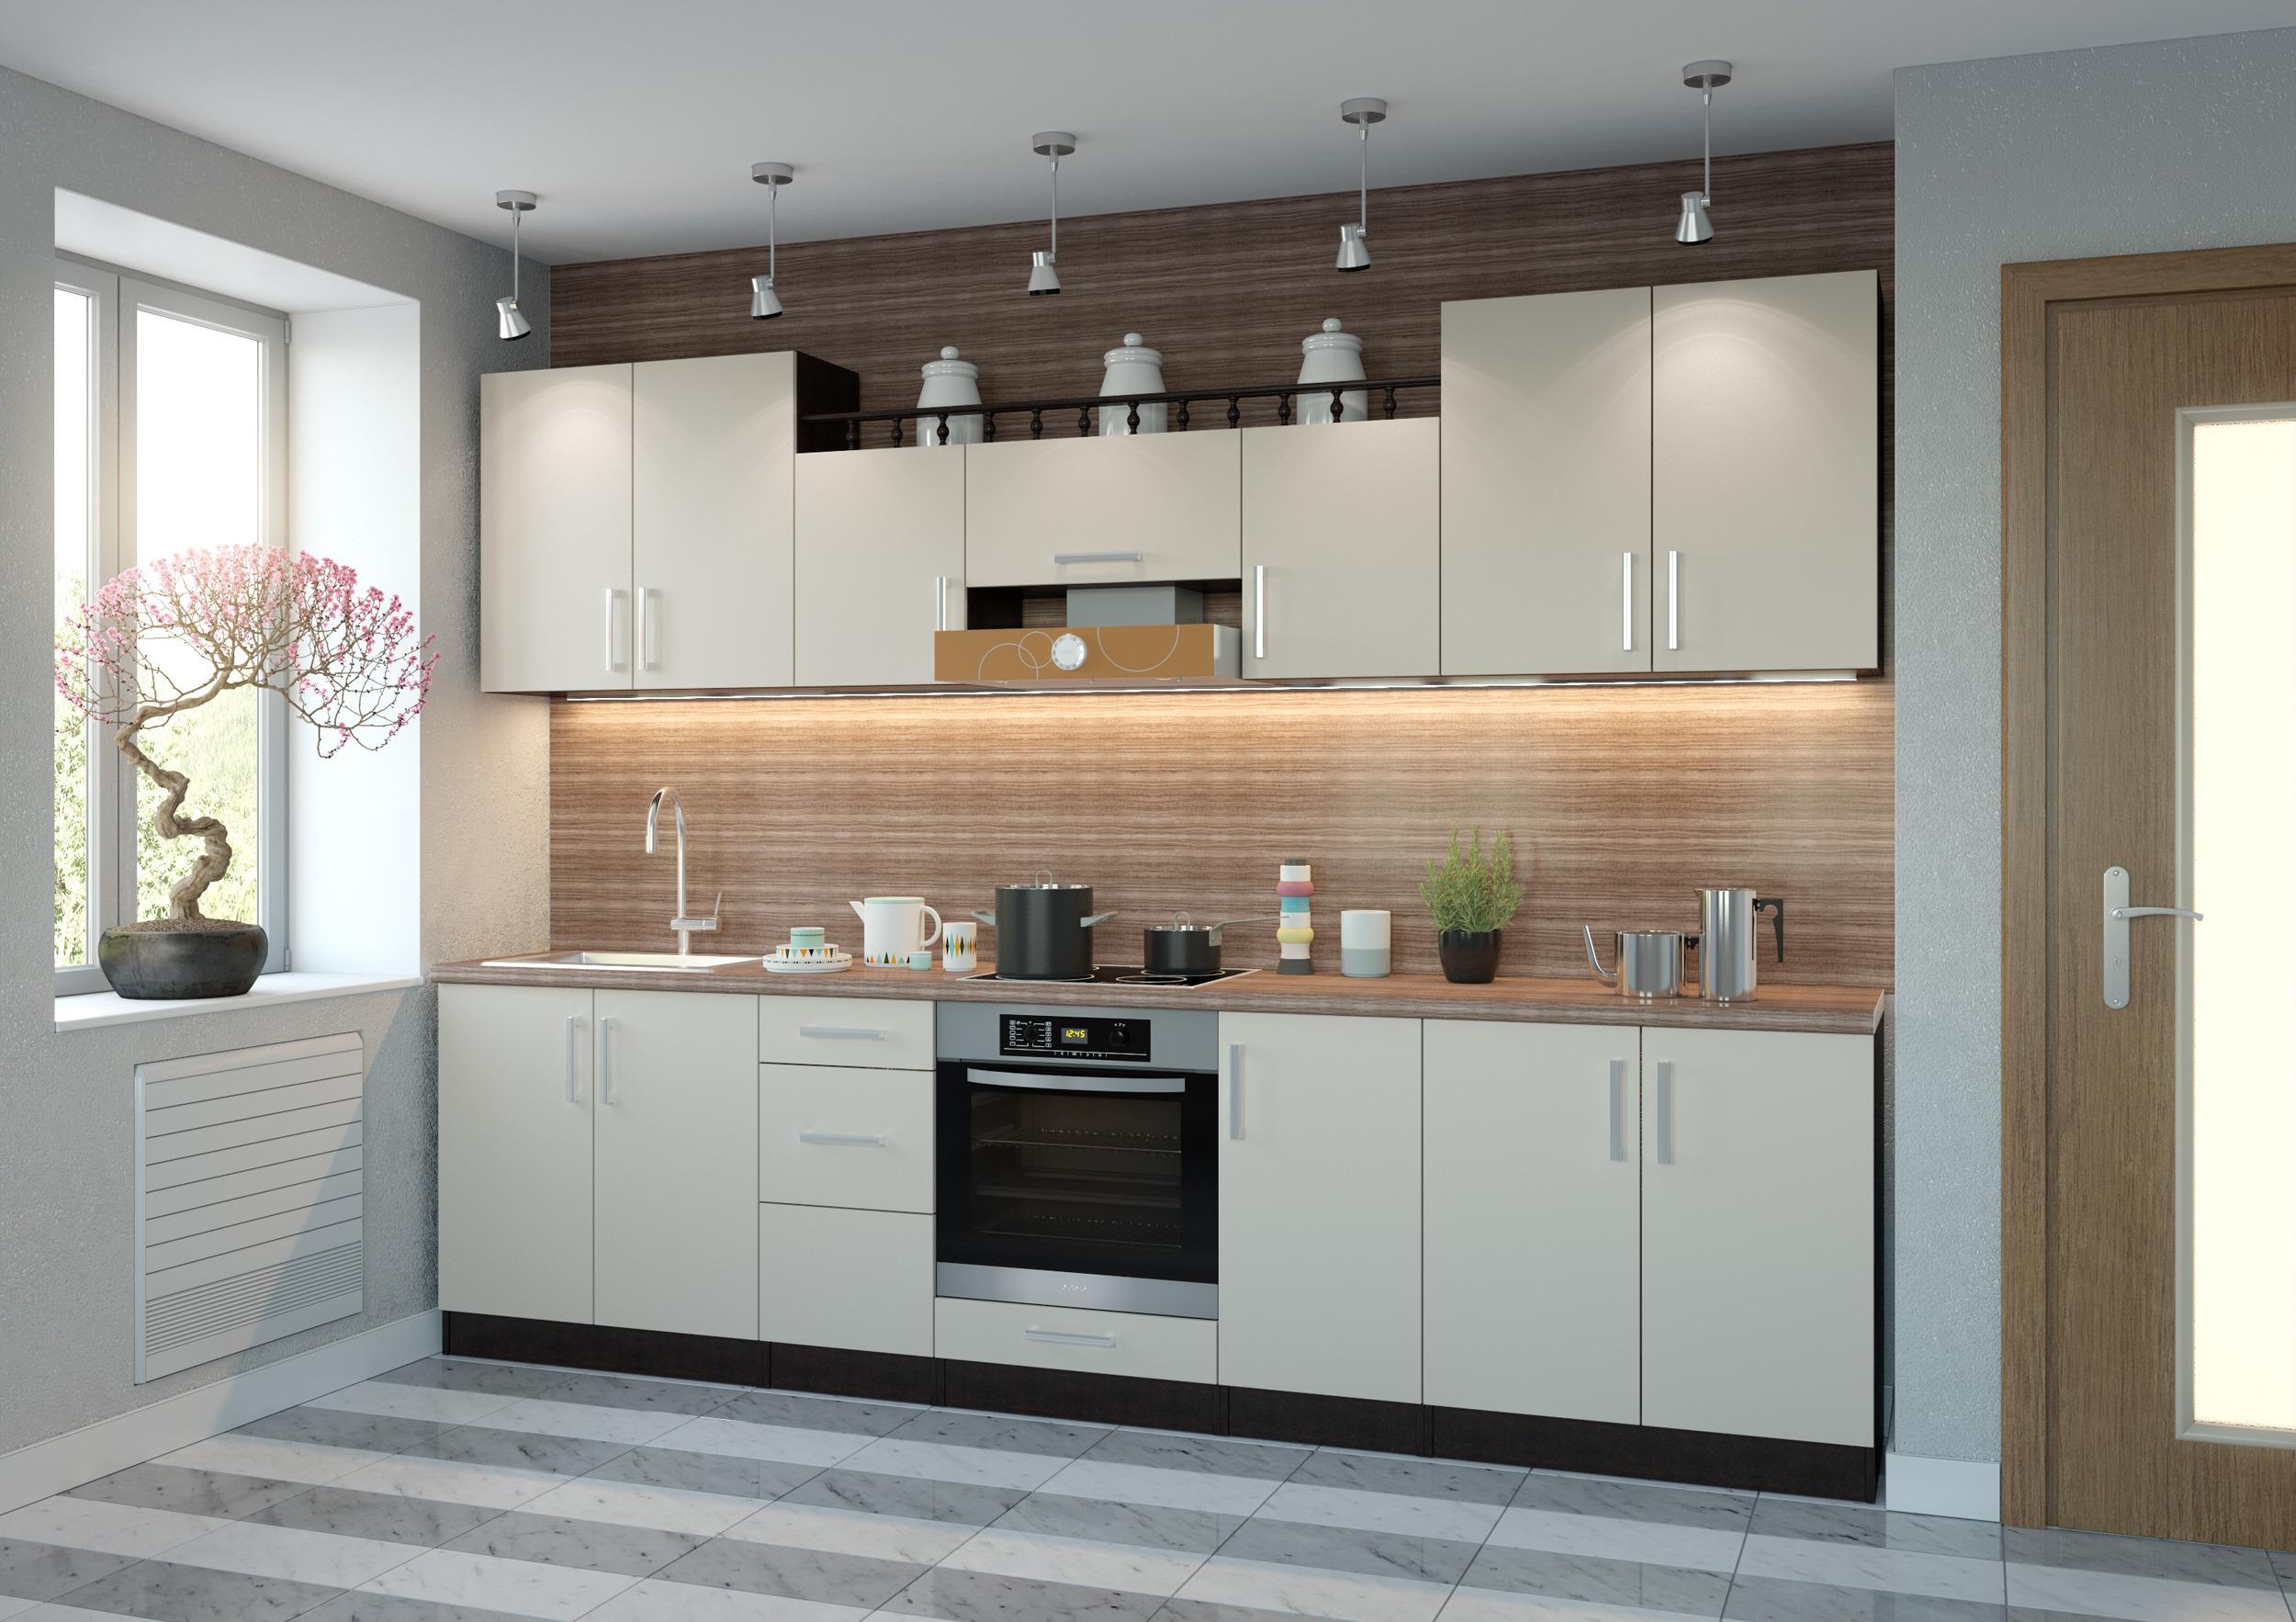 Арина-4 кухонный гарнитурКухонные гарнитуры<br>Дополнительные элементы к данному товару можно посмотреть и приобрести в разделекомплектующие для кухонь&#13;]]&gt;<br><br>Длина мм: 3000<br>Высота мм: 2020<br>Глубина мм: 600